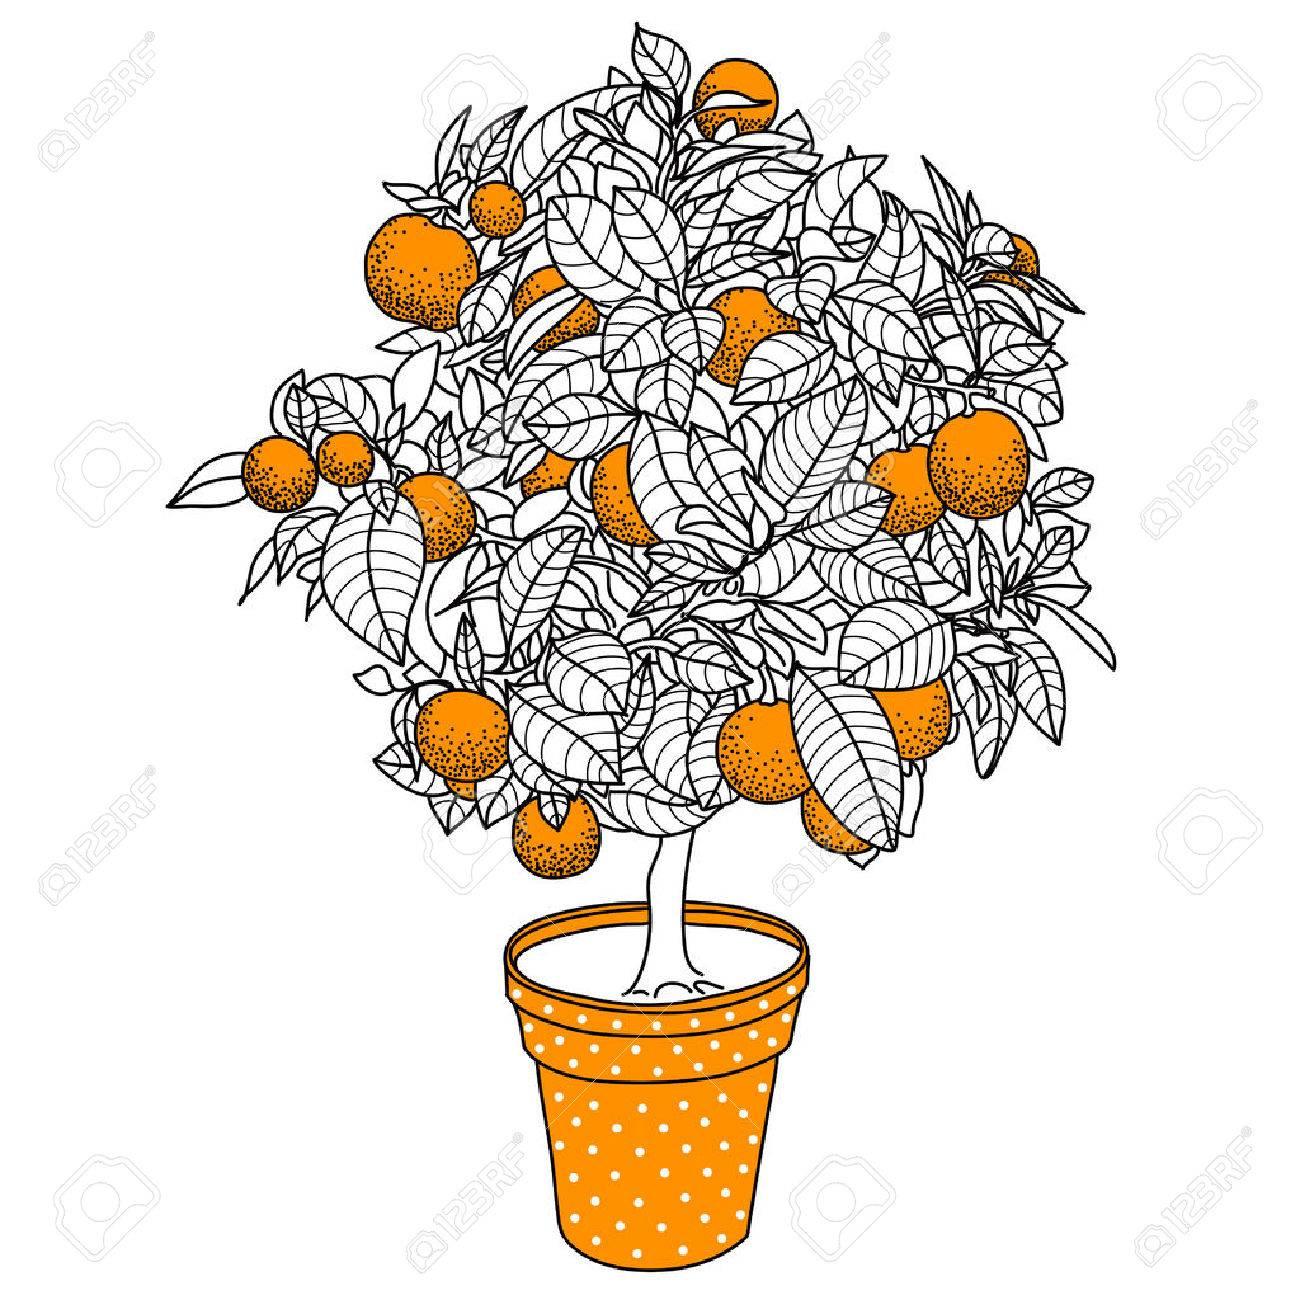 1300x1300 Citrus Tangerine, Orange Or Lemon Citrus Tree In A Pot In Contour